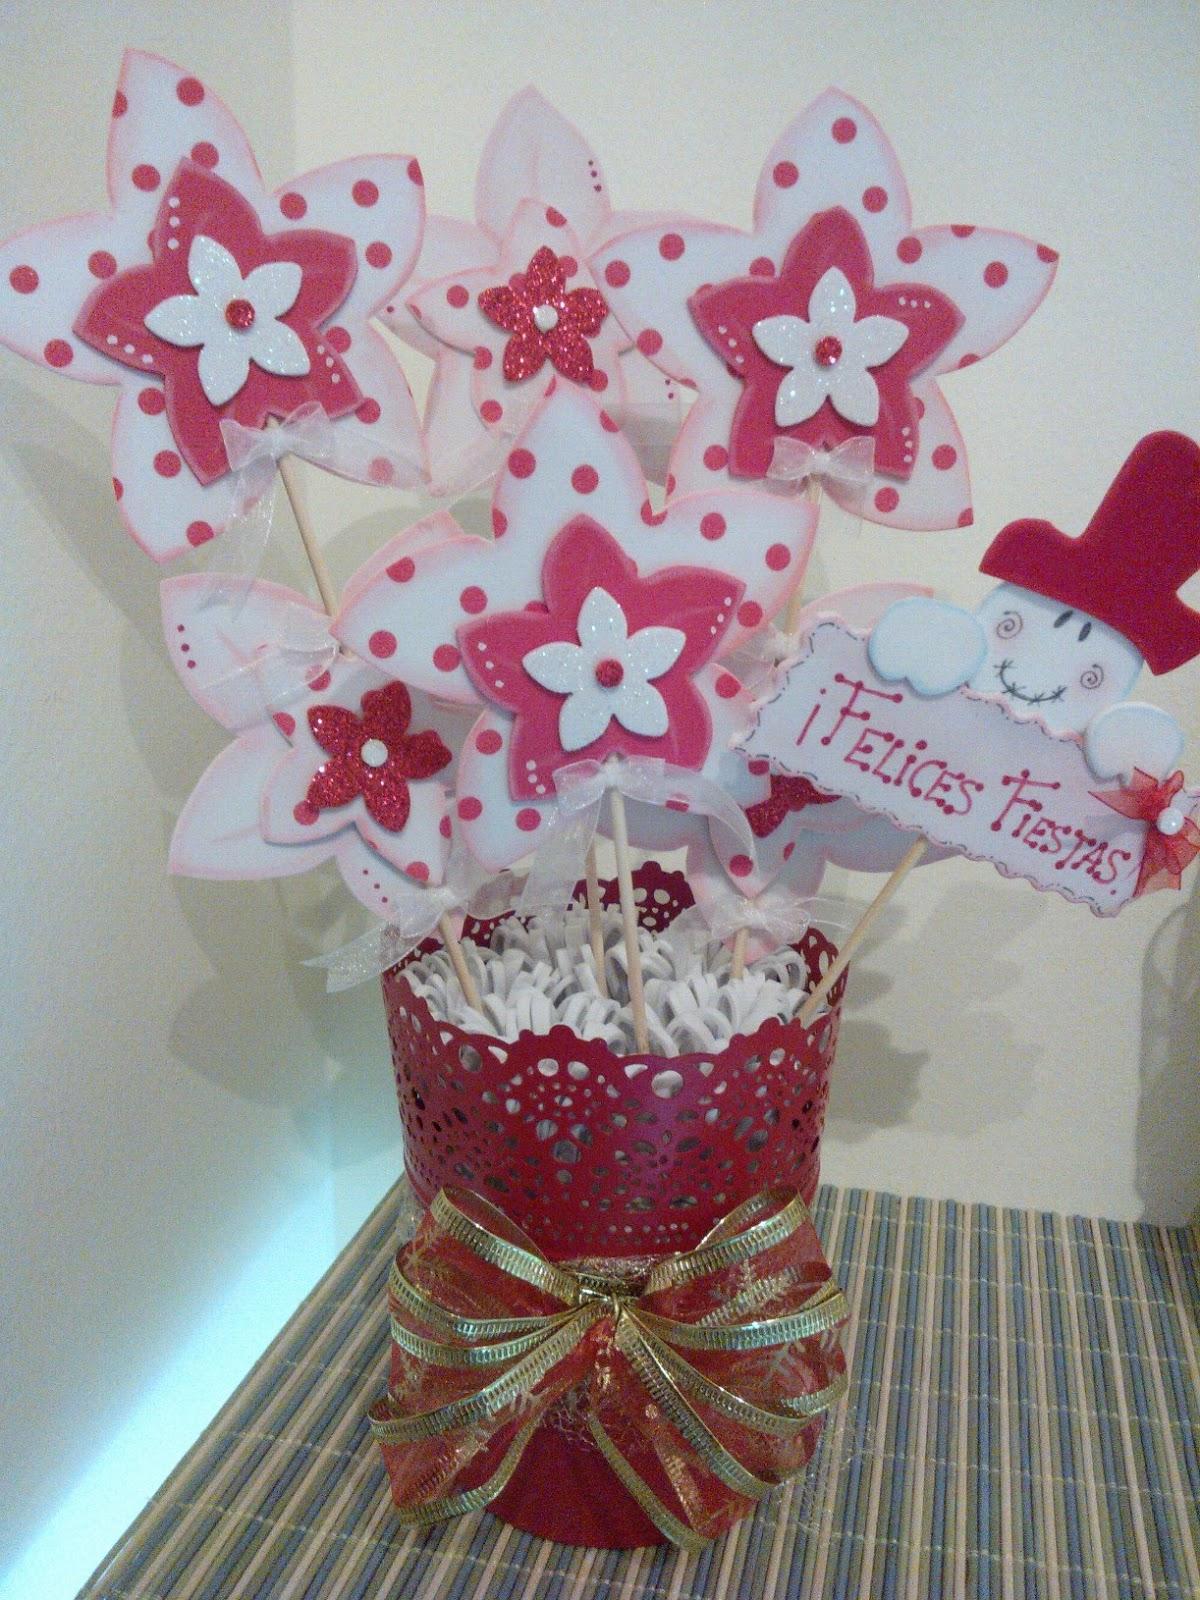 Cucadas de mami macetas decoradas goma eva para navidad - Decoracion navidad goma eva ...